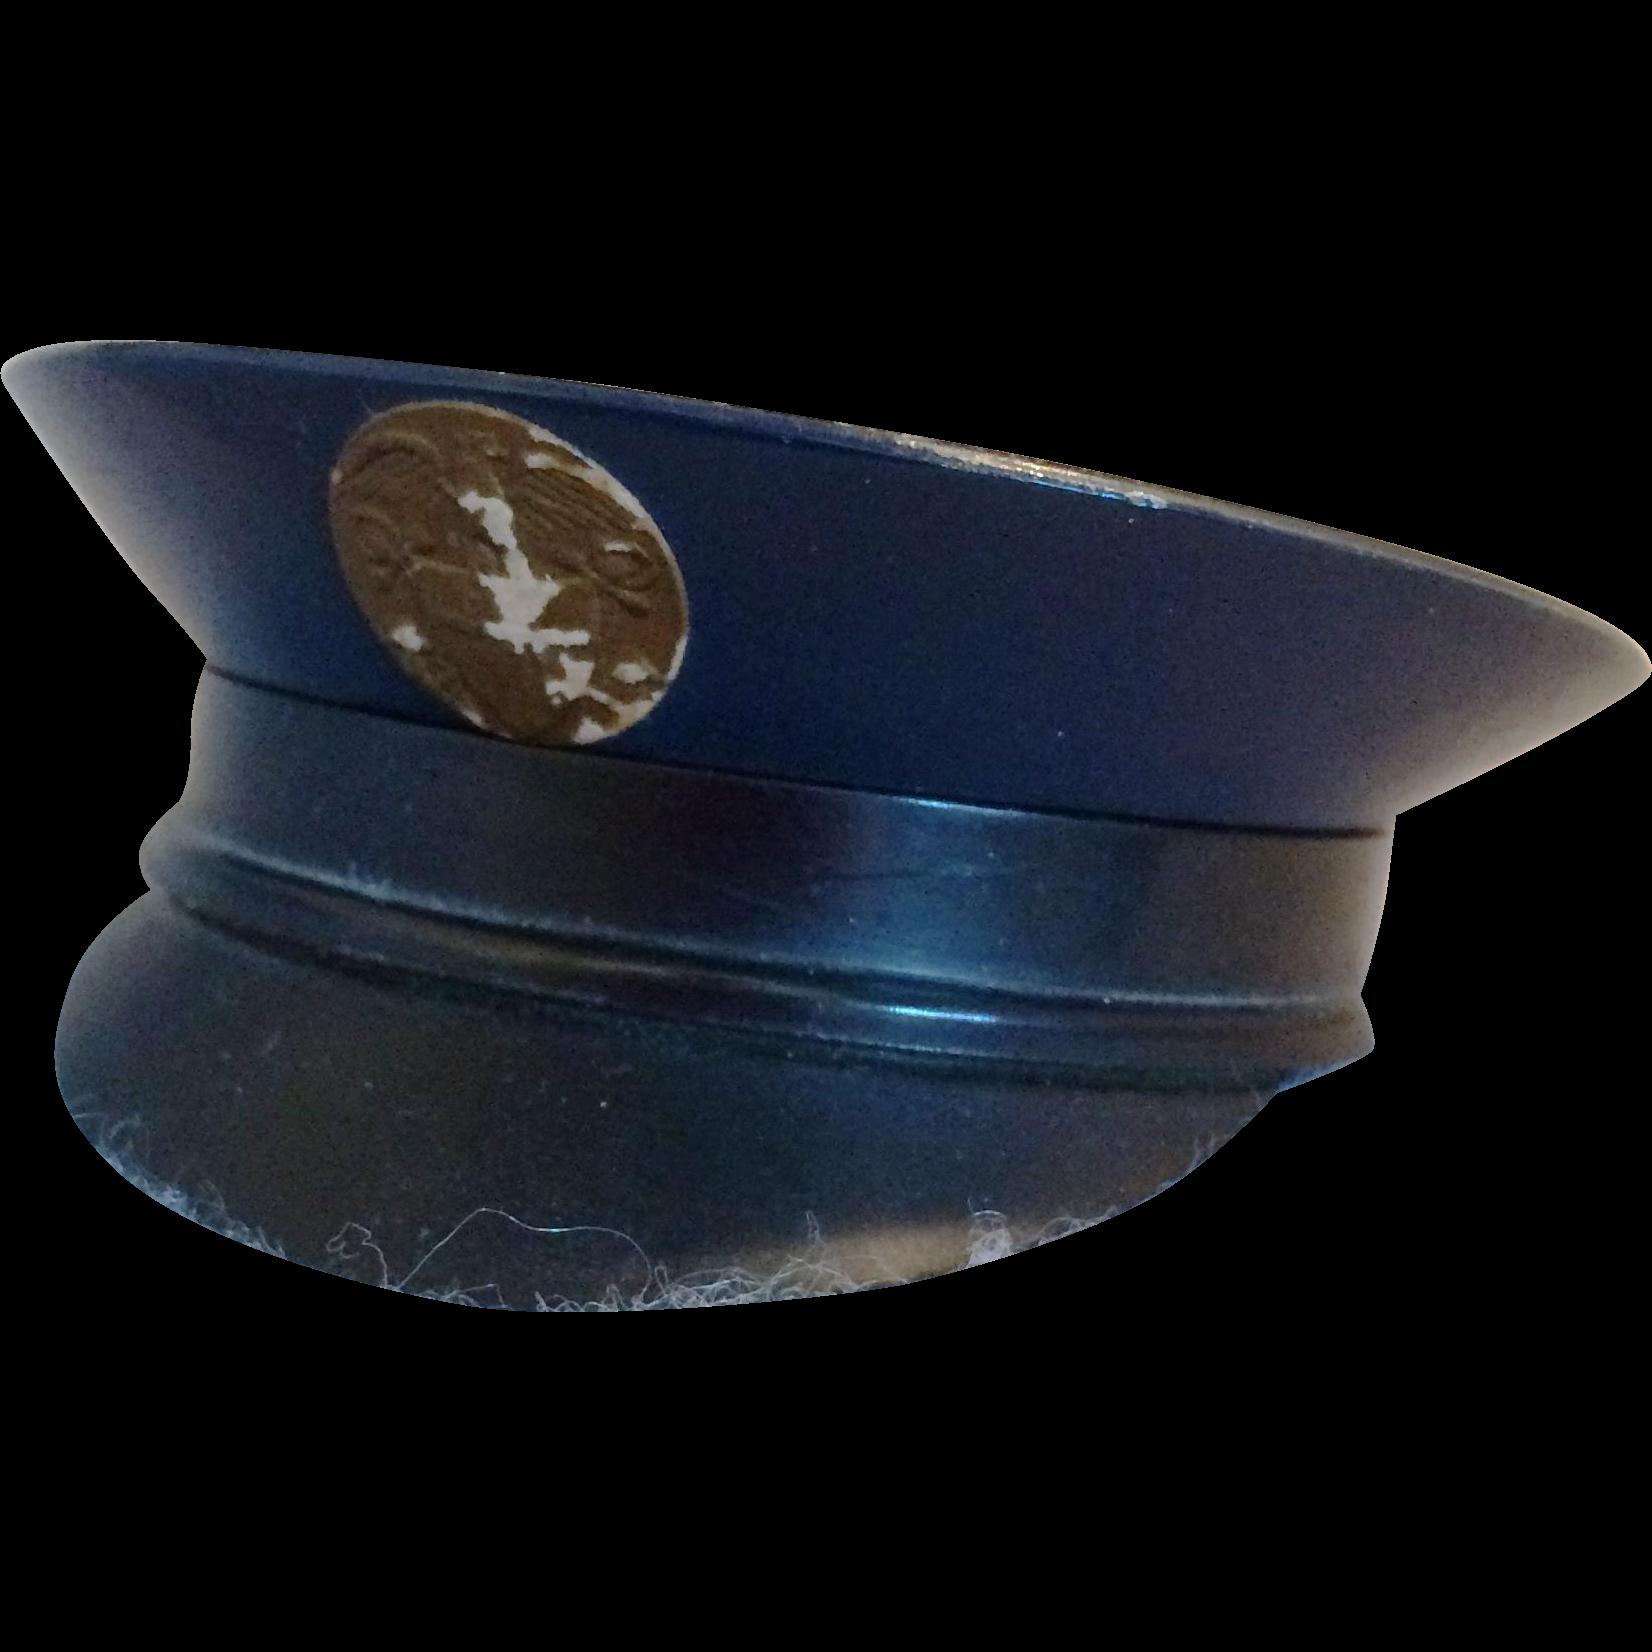 Vintage 1940 S Wwii Black Military Cap Hat Ladies Powder